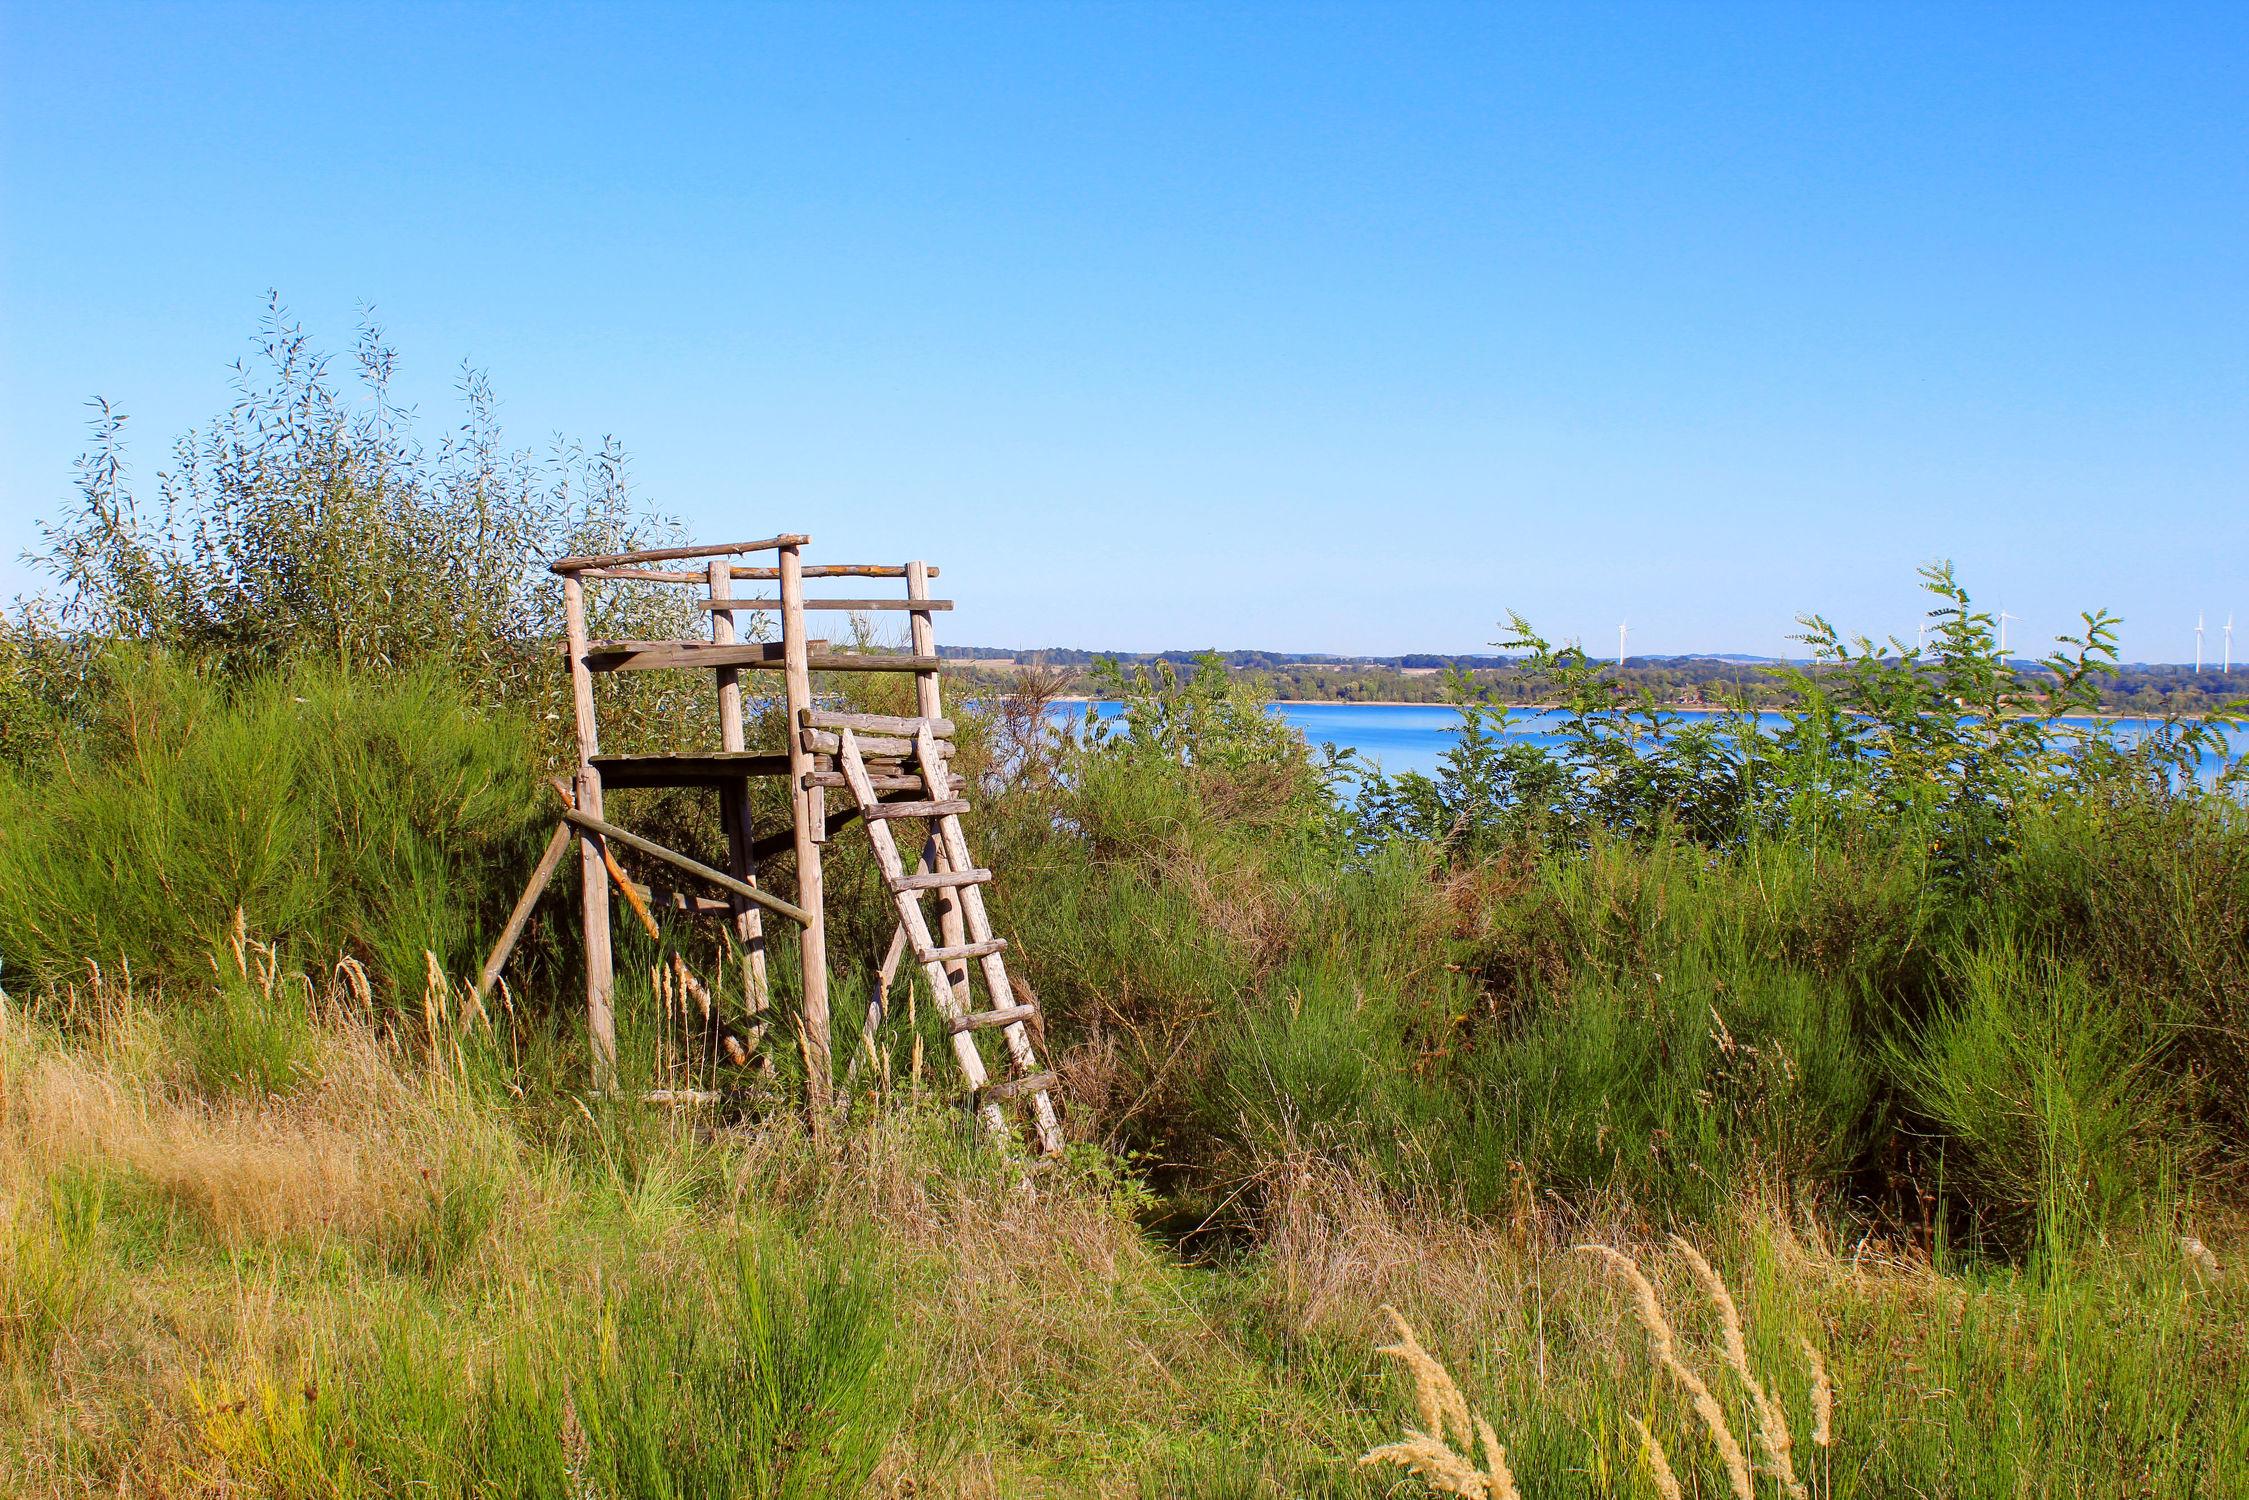 Bild mit Landschaft, Blauer Himmel, Berzdorfer See, Jäger Hochsitz, Jägerhochsitz, Hochsitz, landscape, Hochsitz am See